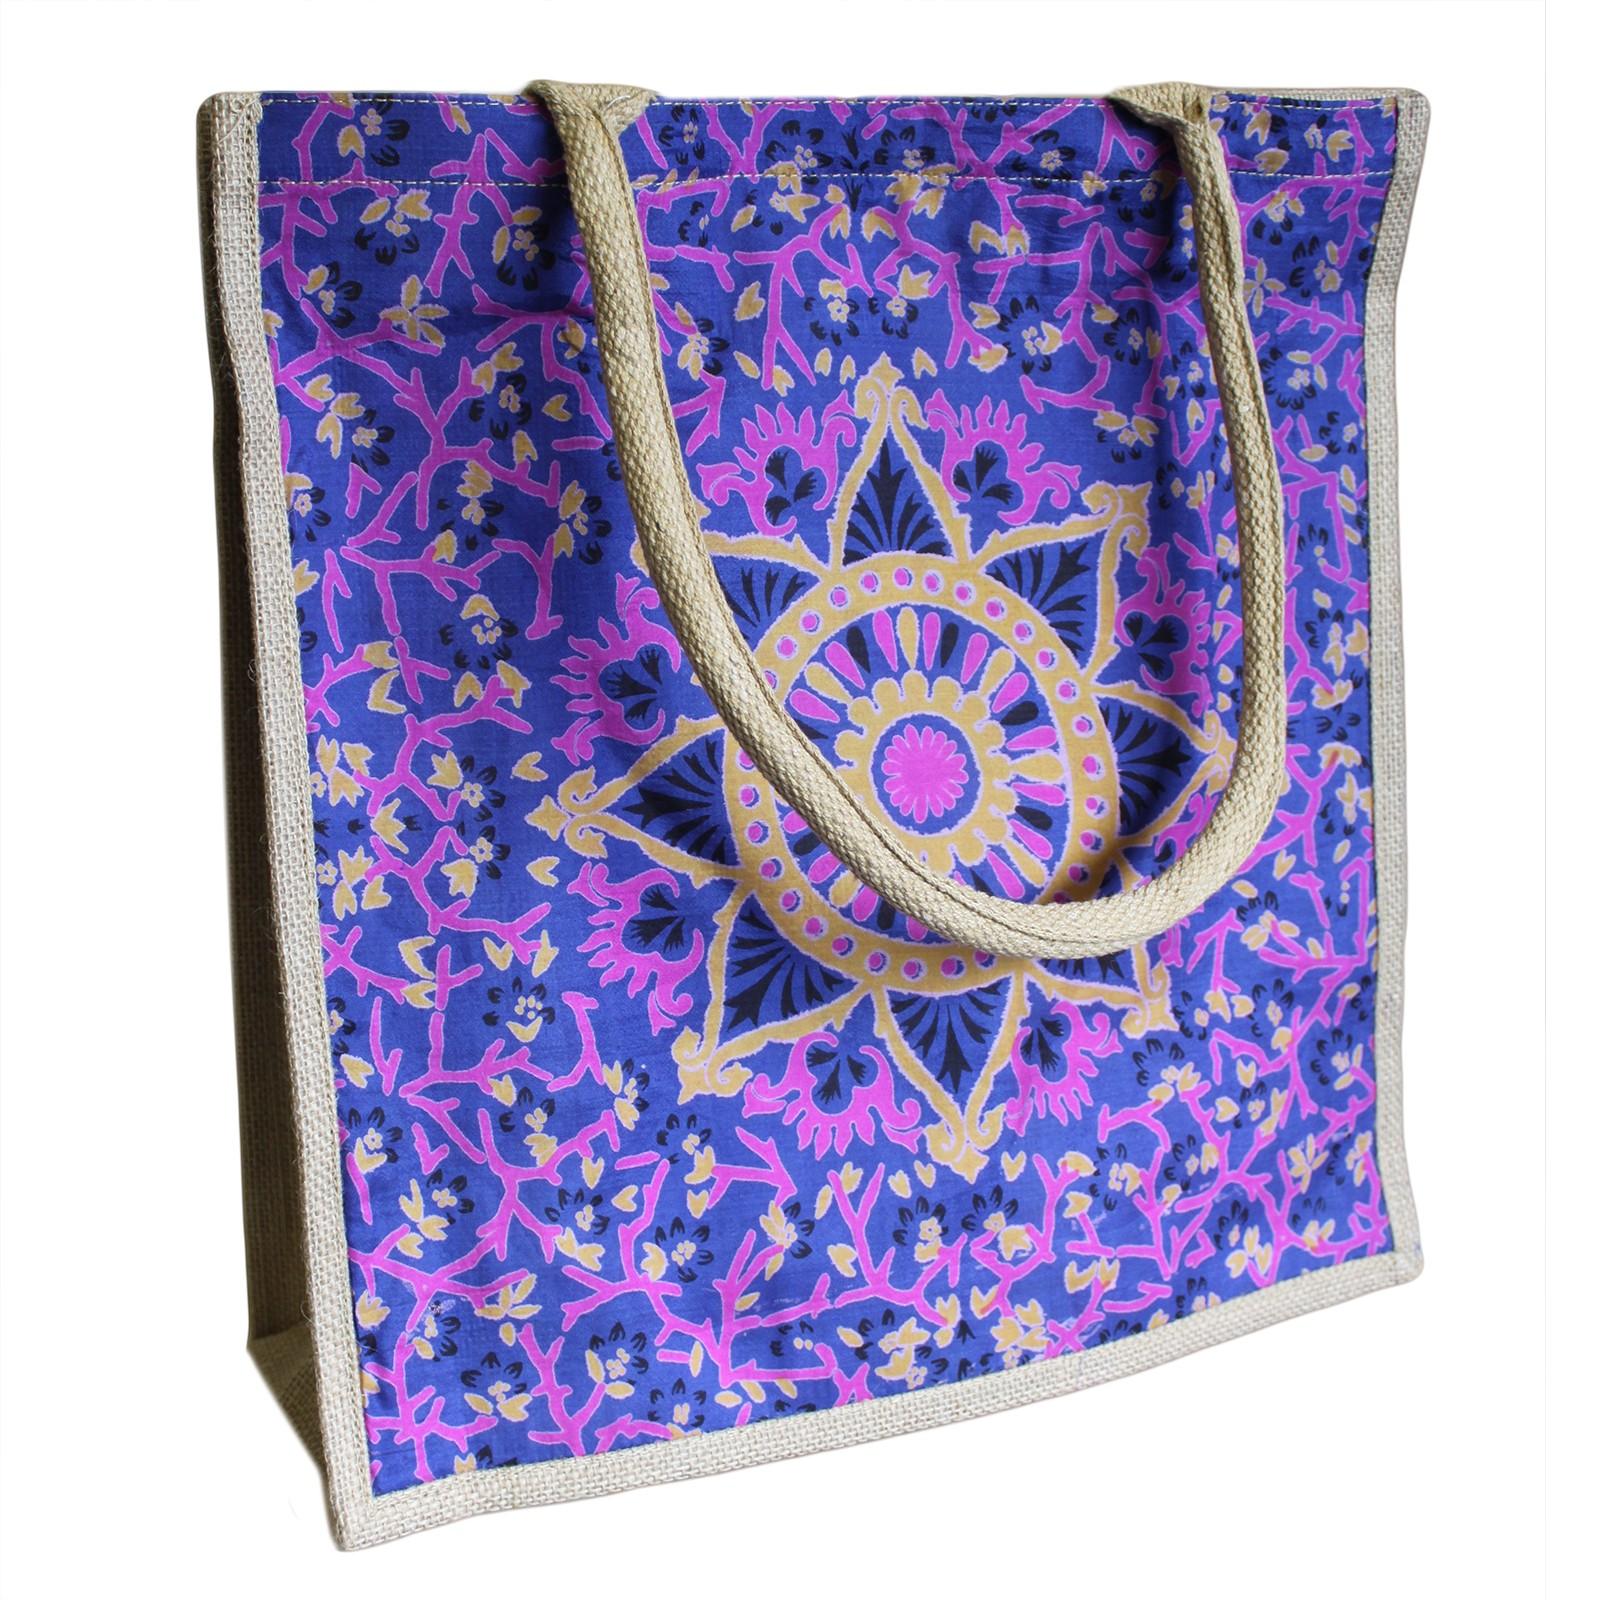 Lrg Shopping Bag 40x40cm Blue Alpana asst